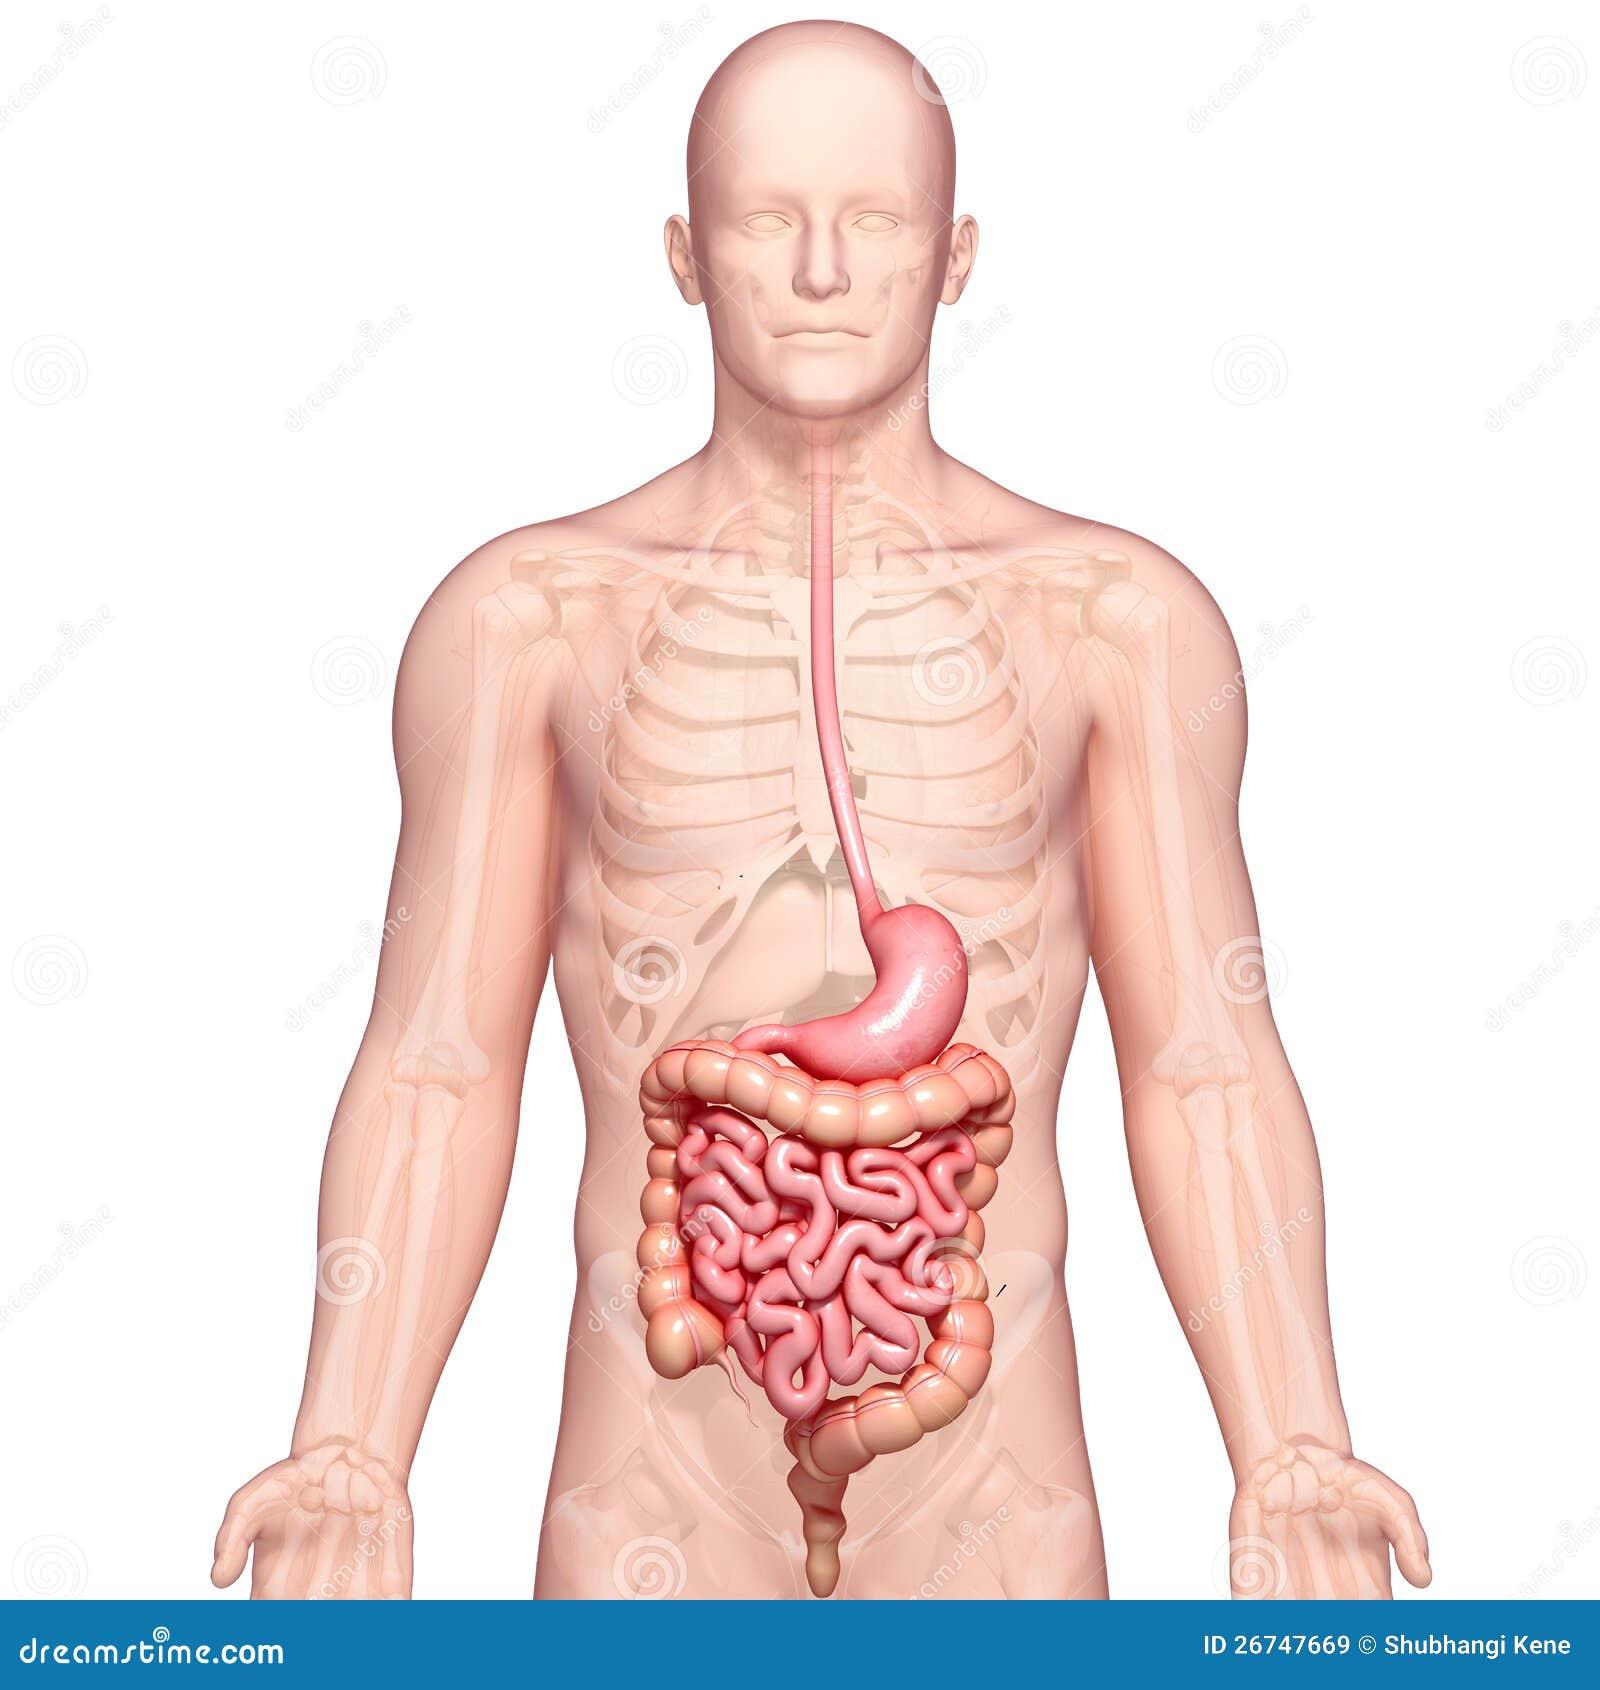 Απεικόνιση της ανατομίας του ανθρώπινου στομαχιού με το σώμα